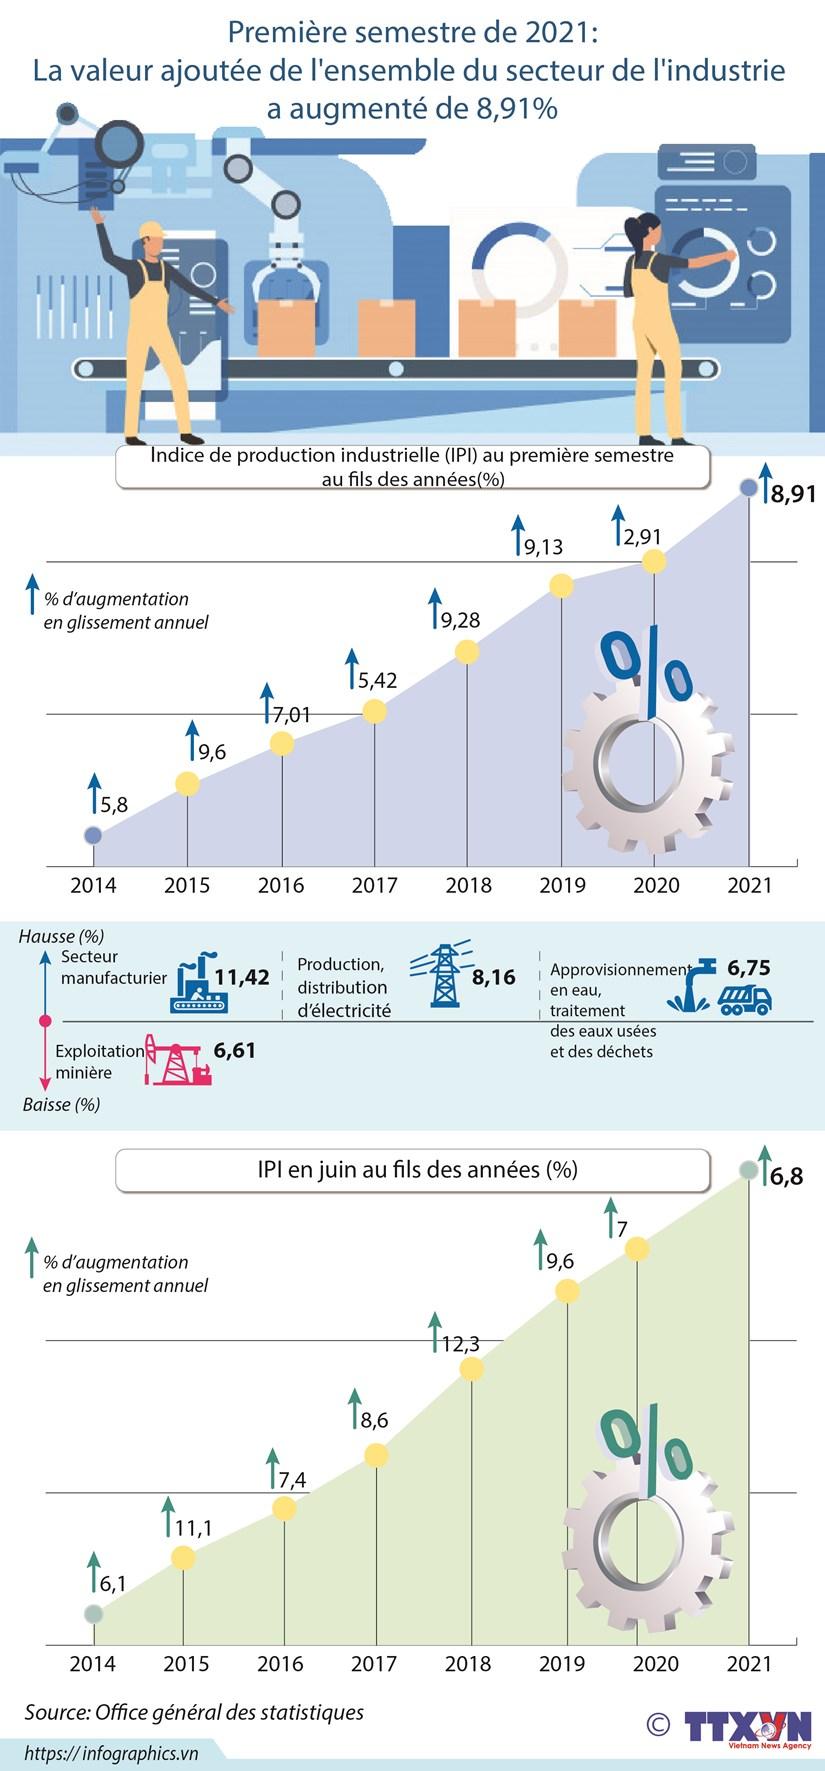 La valeur ajoutee du secteur de l'industrie a augmente de 8,91% en 6 mois hinh anh 1